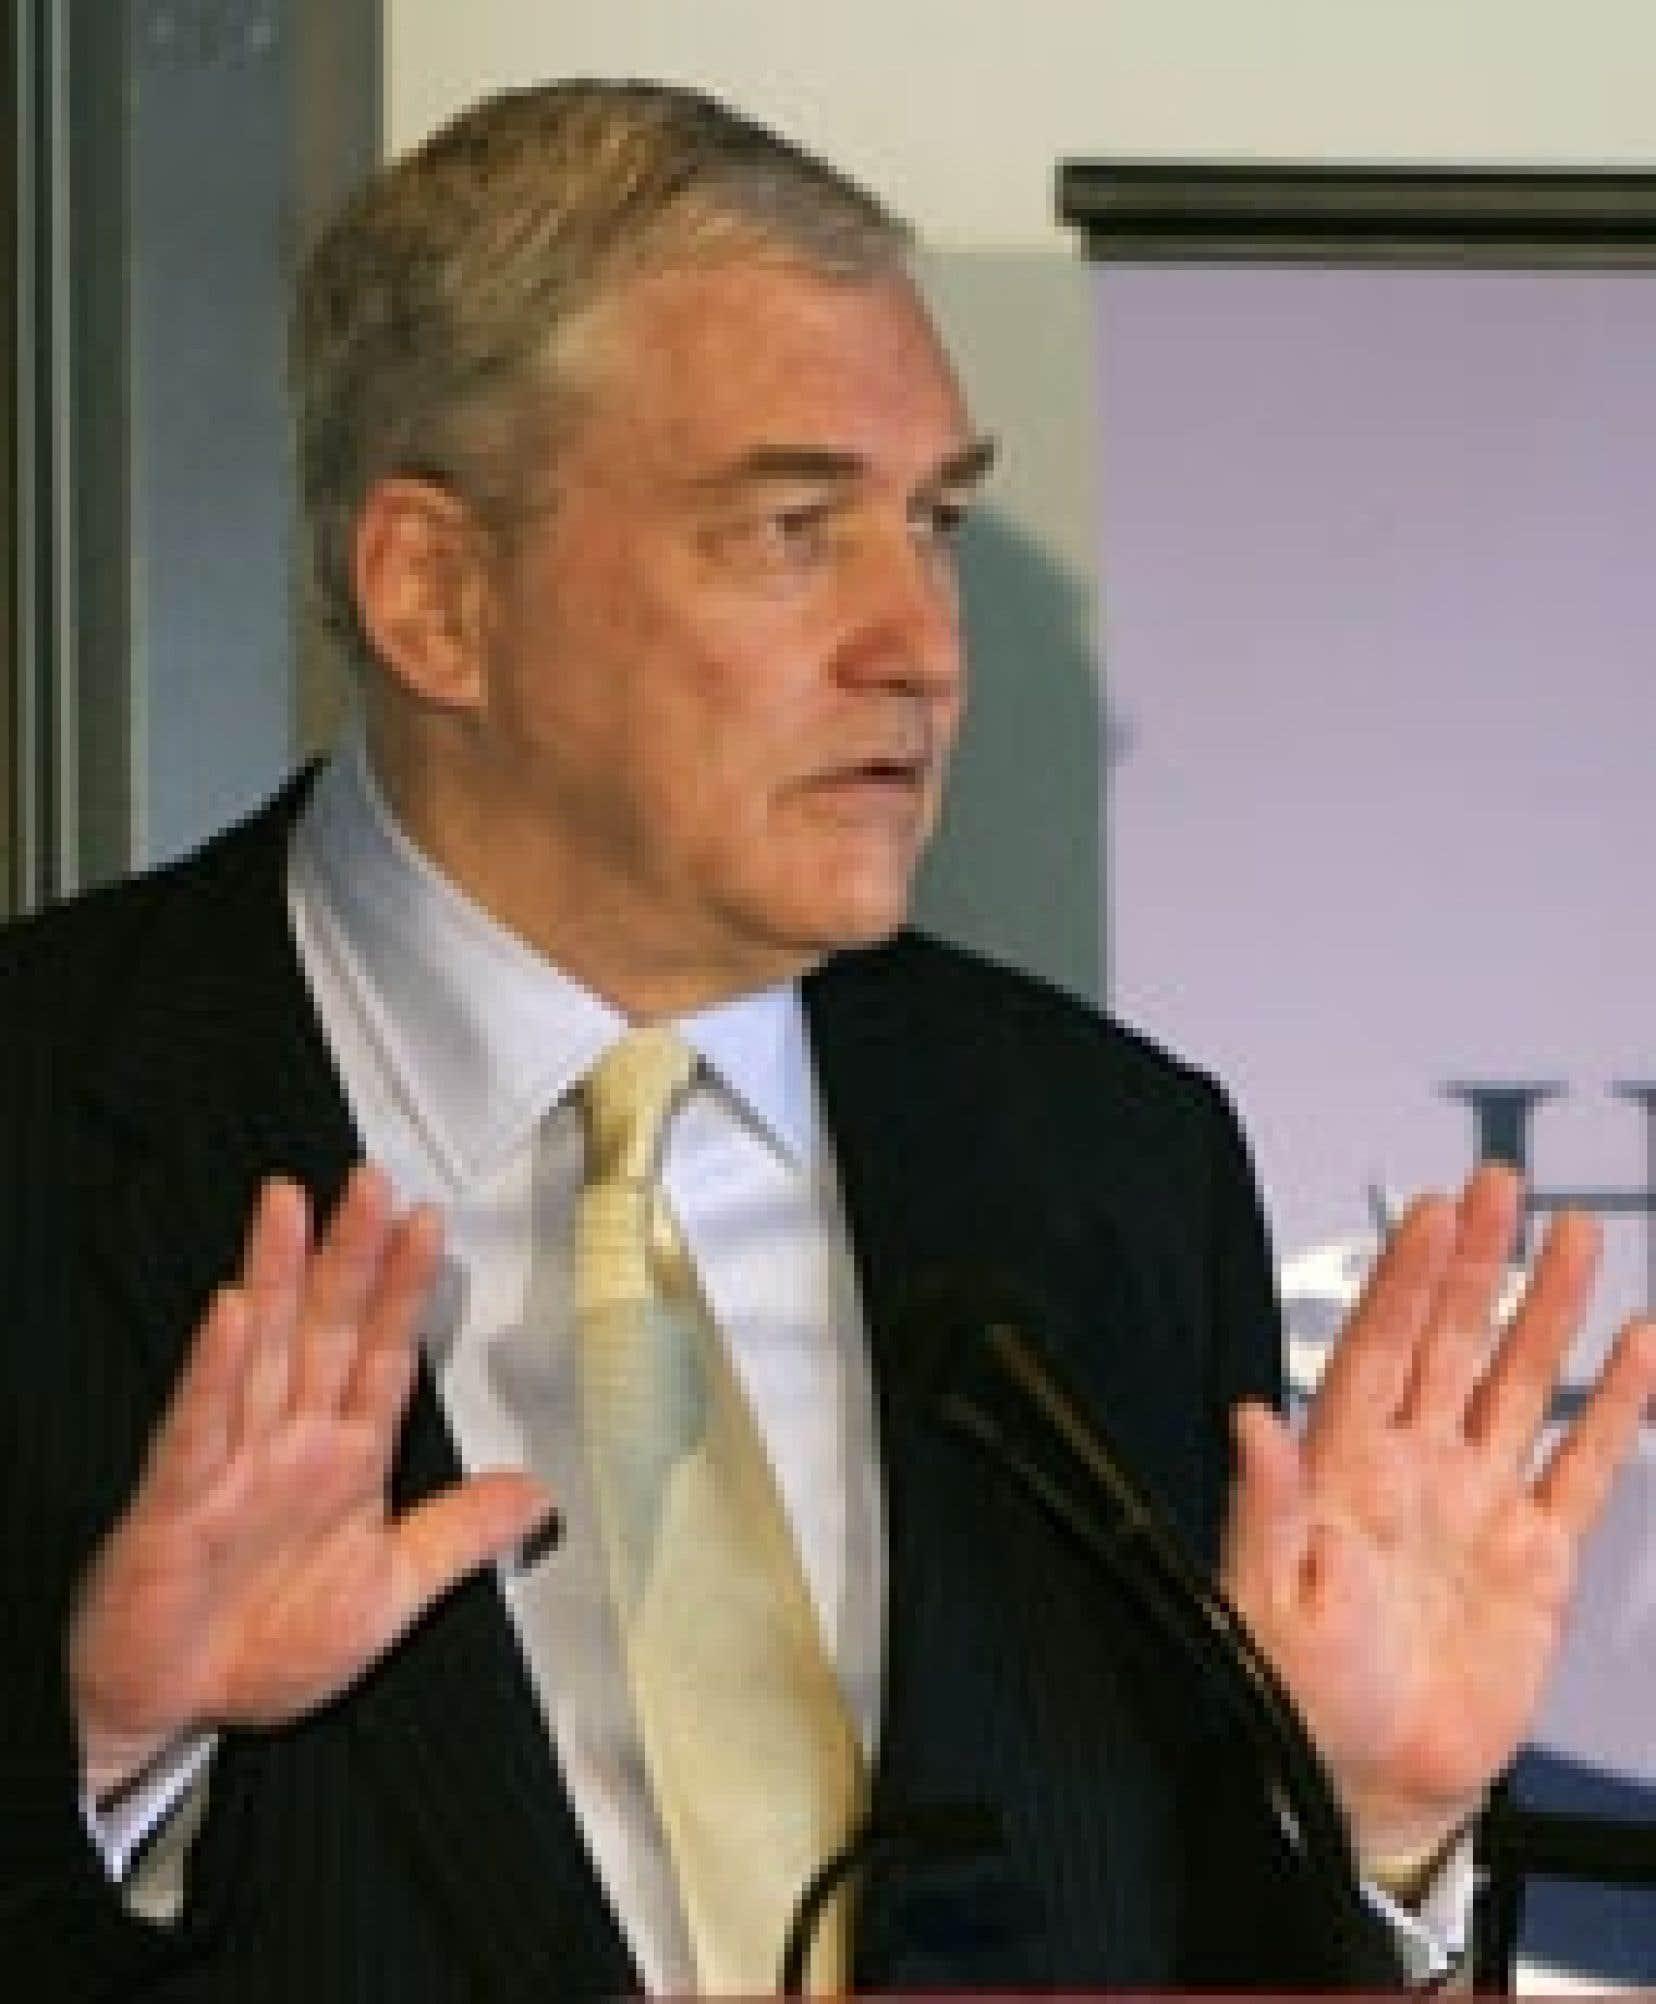 La poursuite de Hollinger vient s'ajouter à ce chassé-croisé de recours qui oppose le magnat déchu de la presse et ses entreprises depuis 2003.